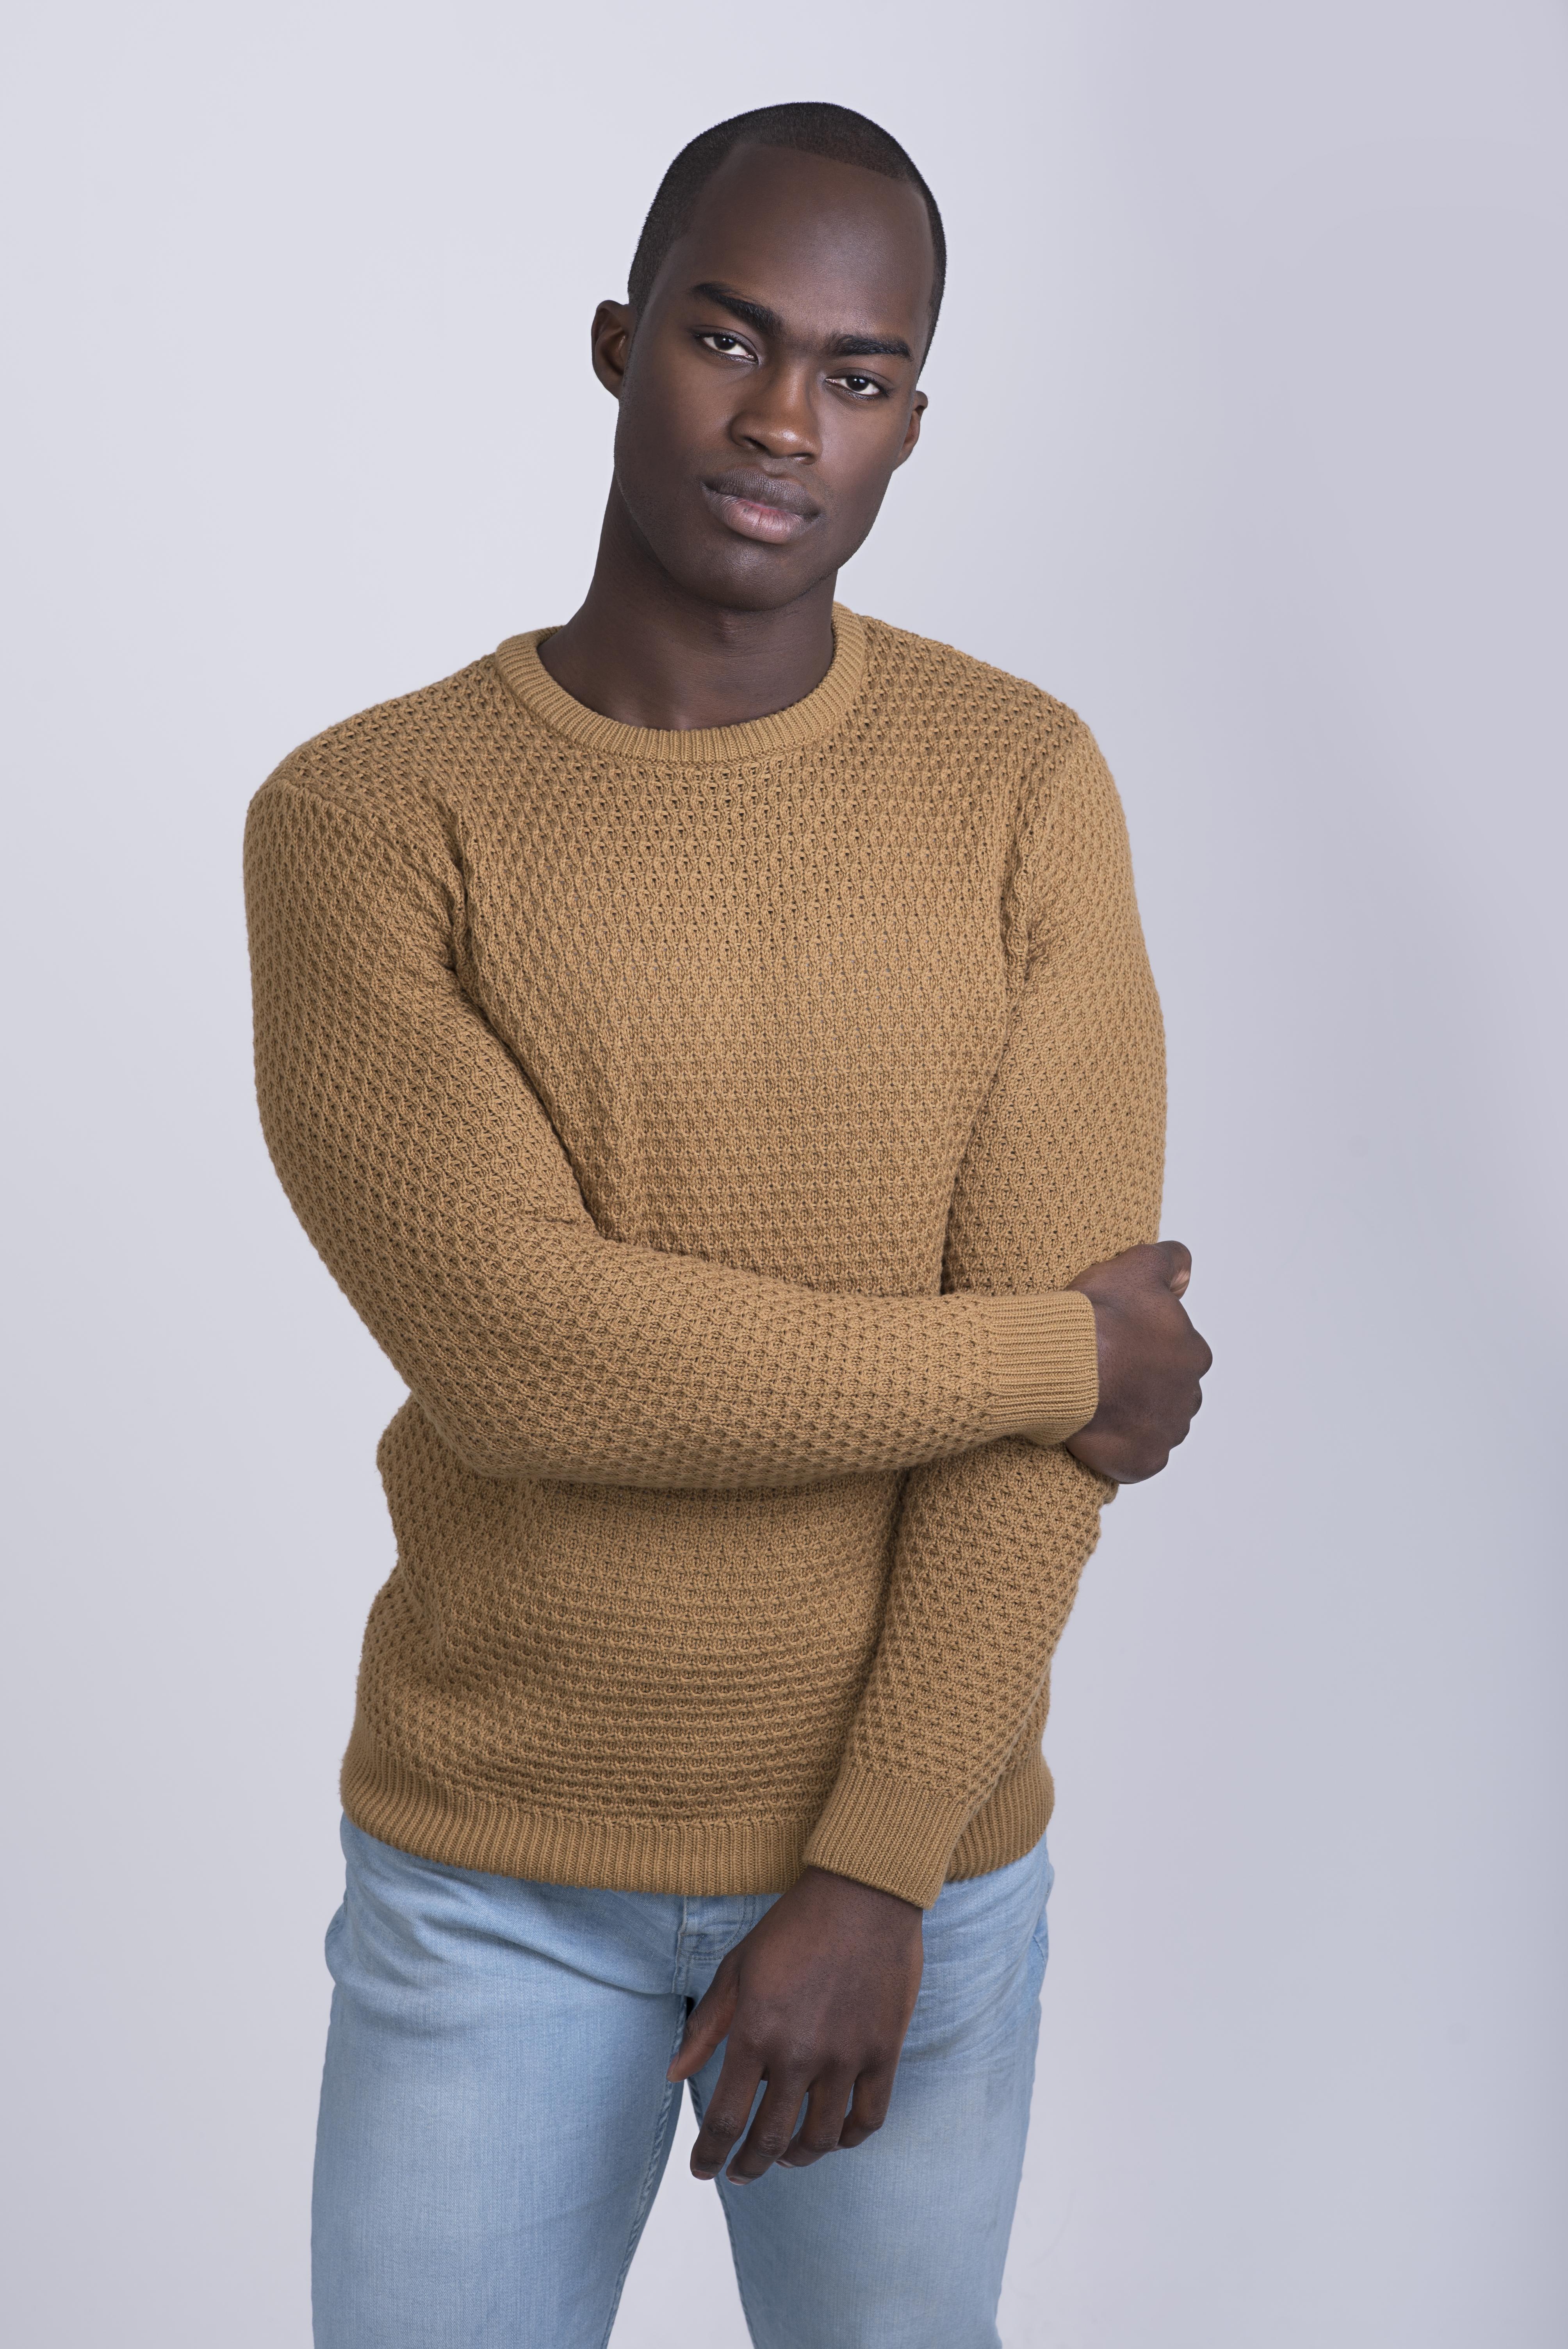 Model Book of Jeffery Adu